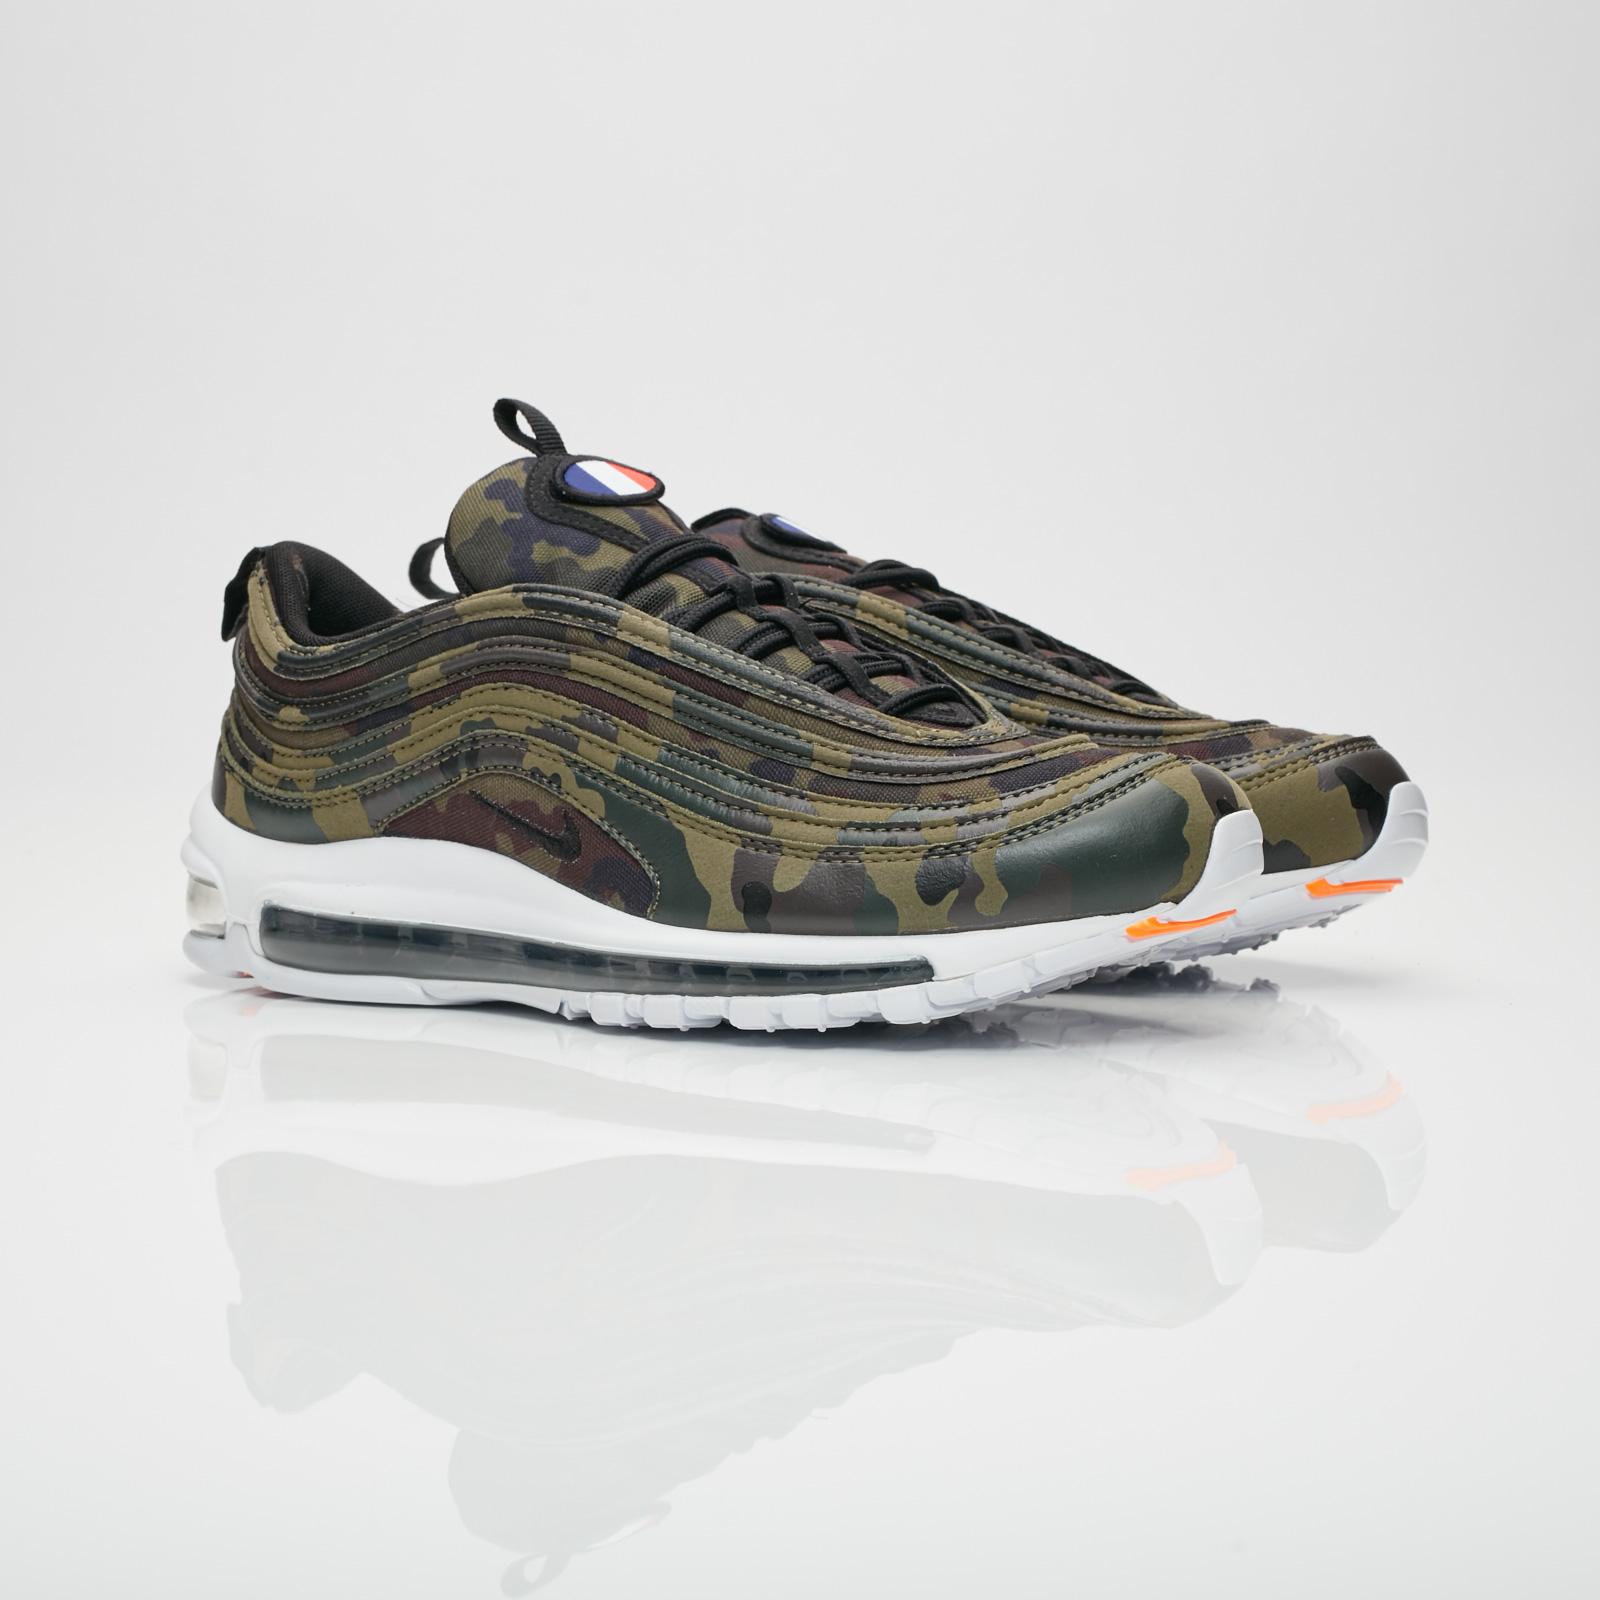 795647a1233 Nike Air Max 97 Premium QS Country Camo Pack - Aj2614-200 ...